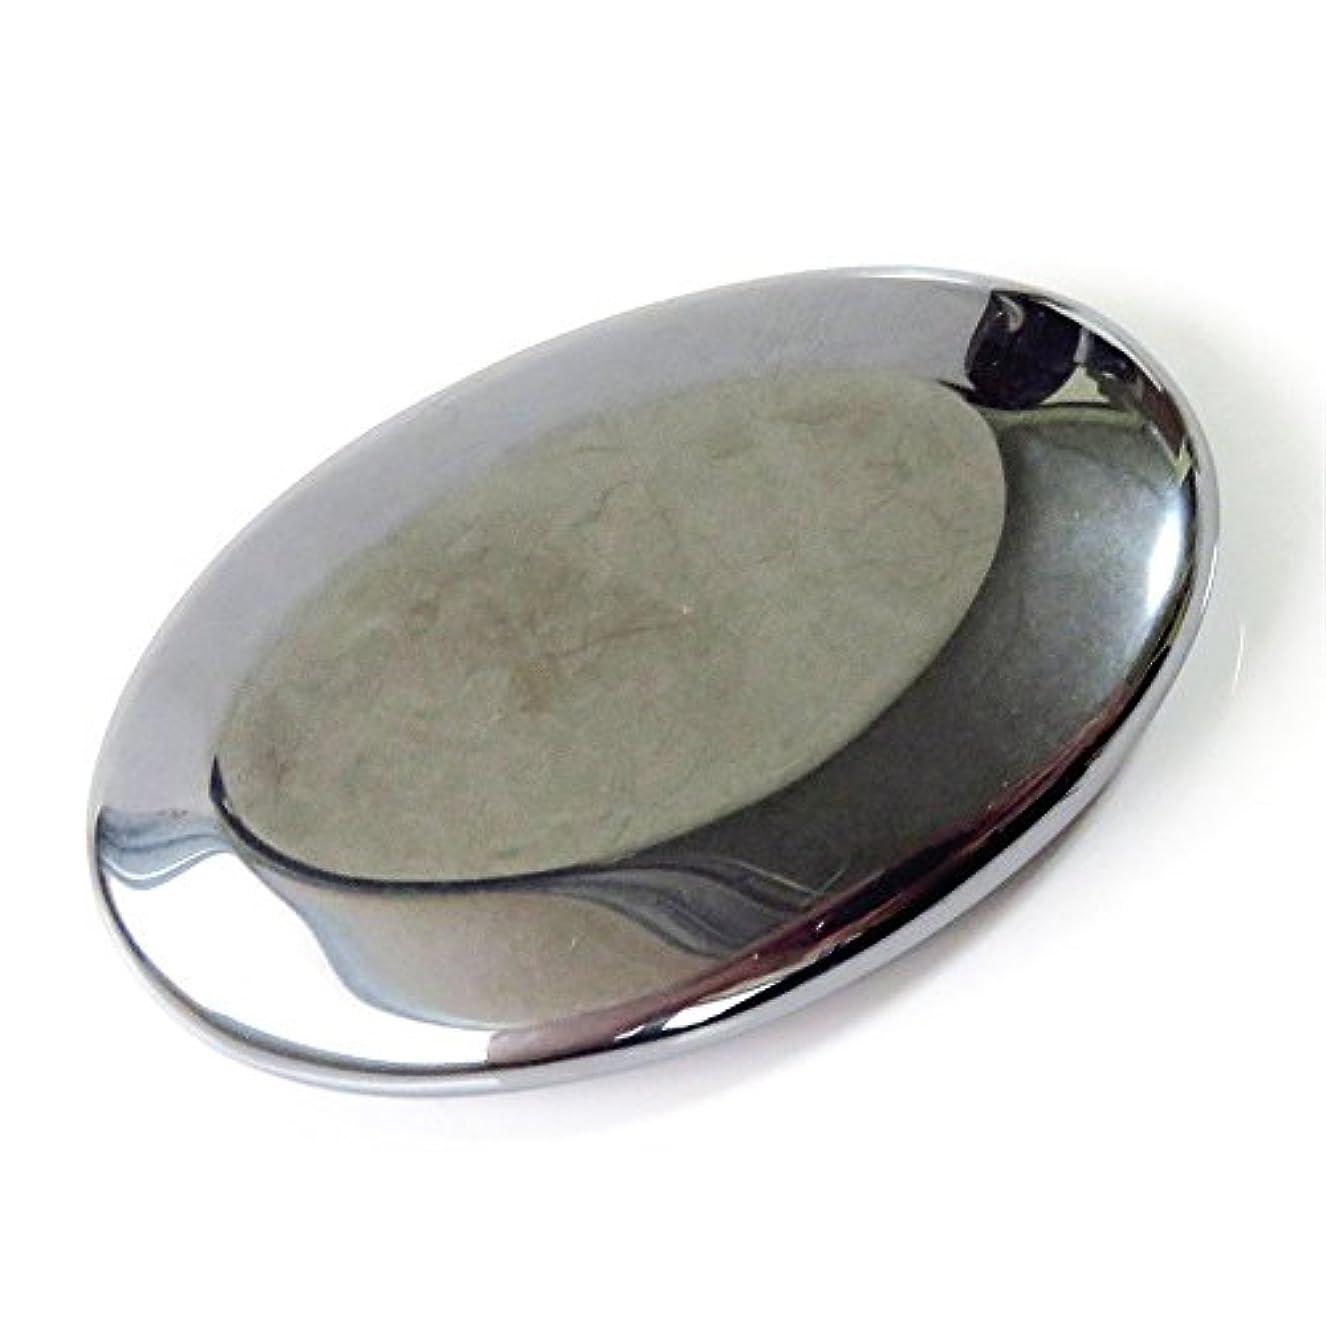 食事を調理する大惨事ミットエステ業界も注目 テラヘルツ鉱石かっさプレート 楕円型